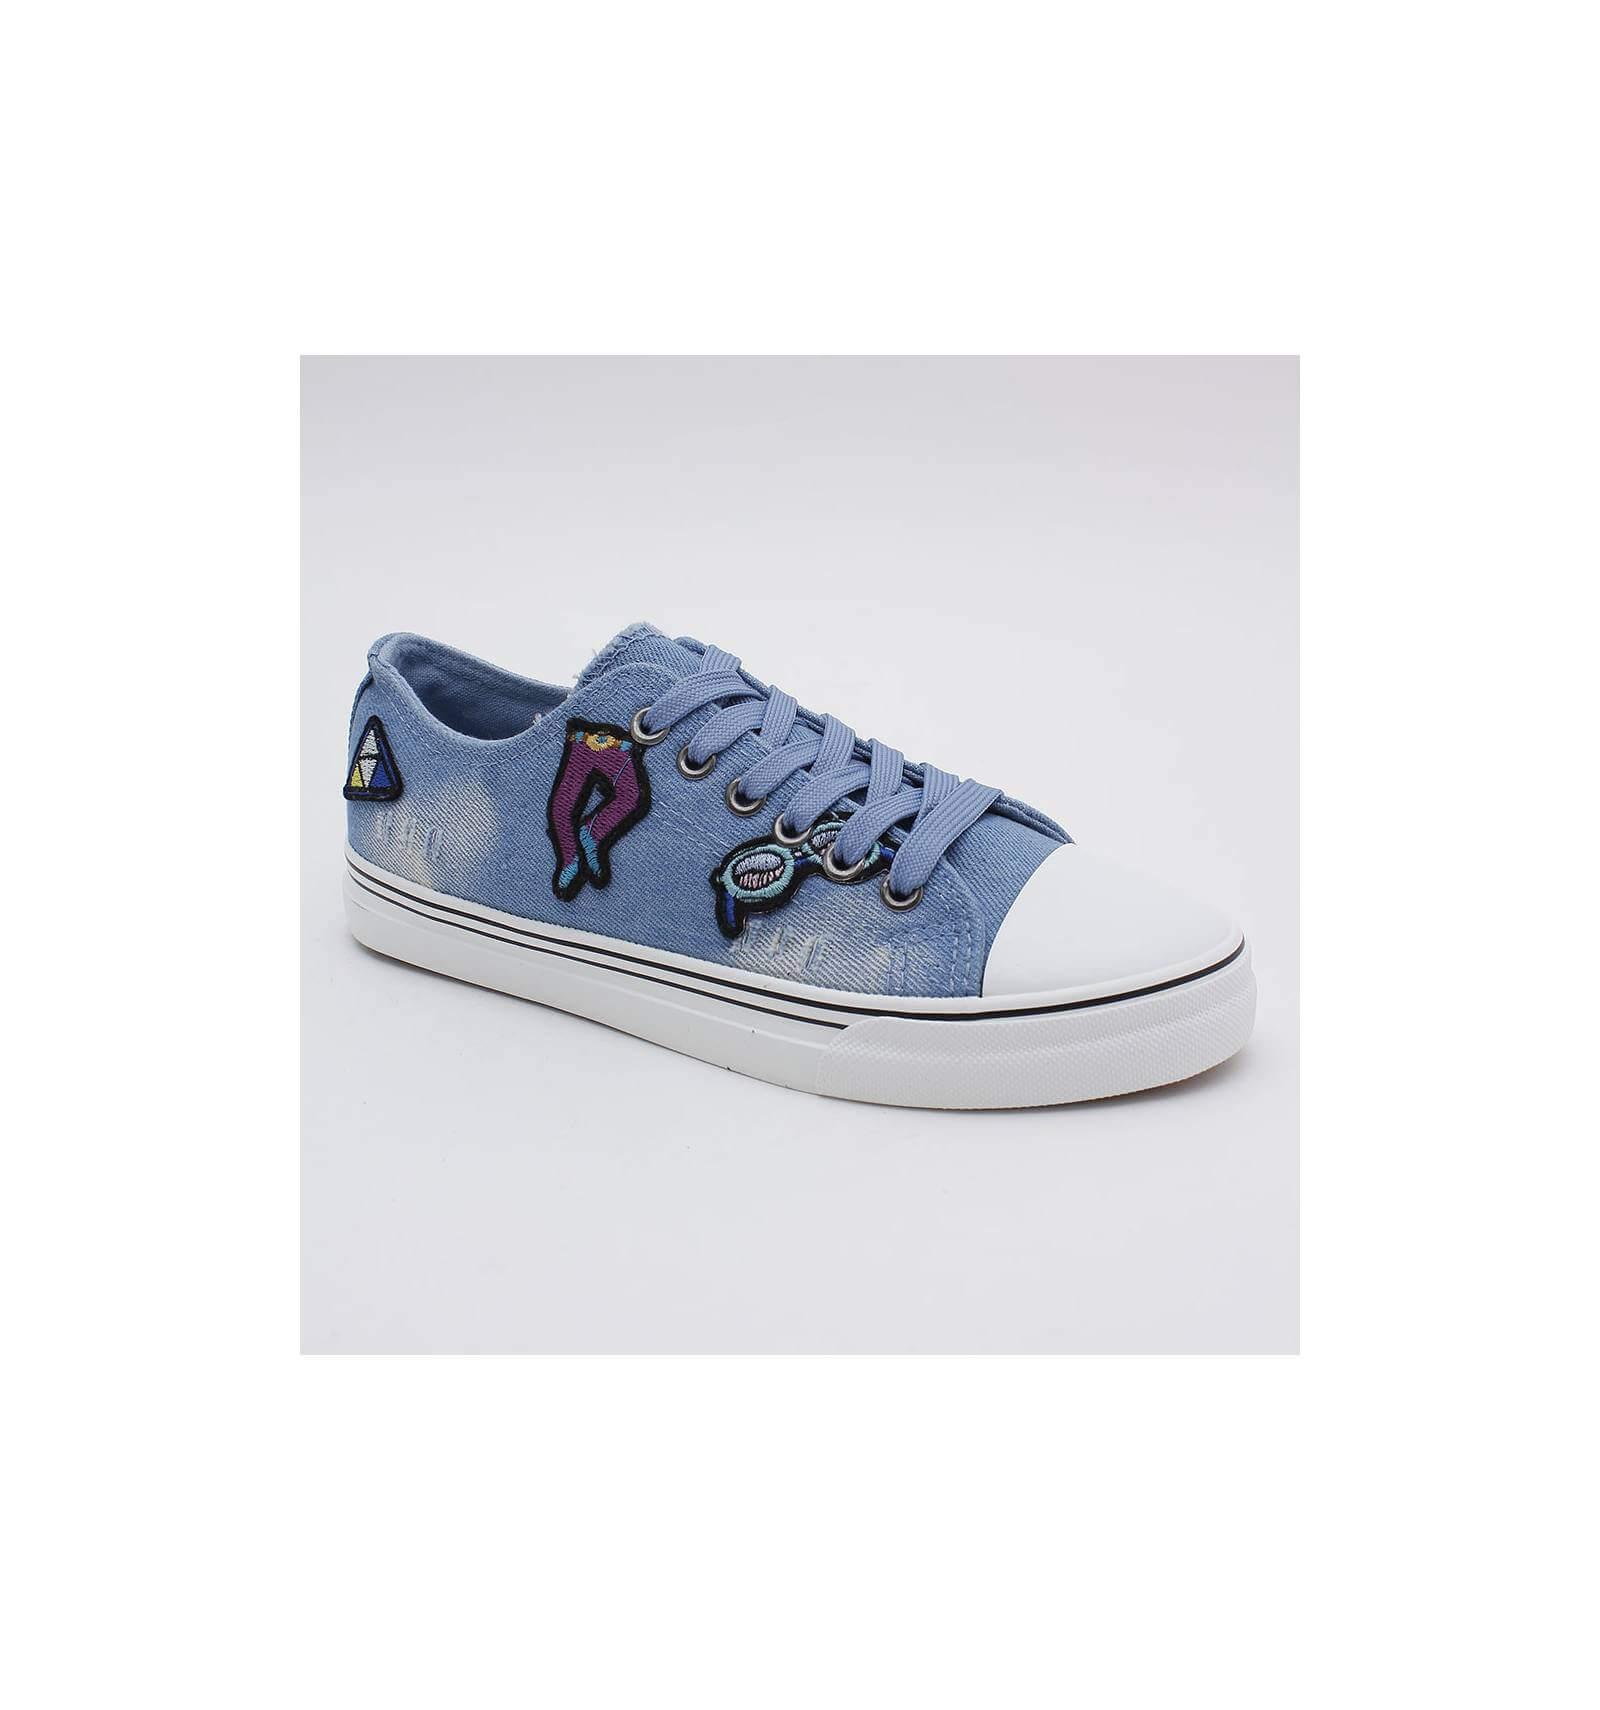 basket patchs bleue claire jeans femme avec motif design aur lie. Black Bedroom Furniture Sets. Home Design Ideas